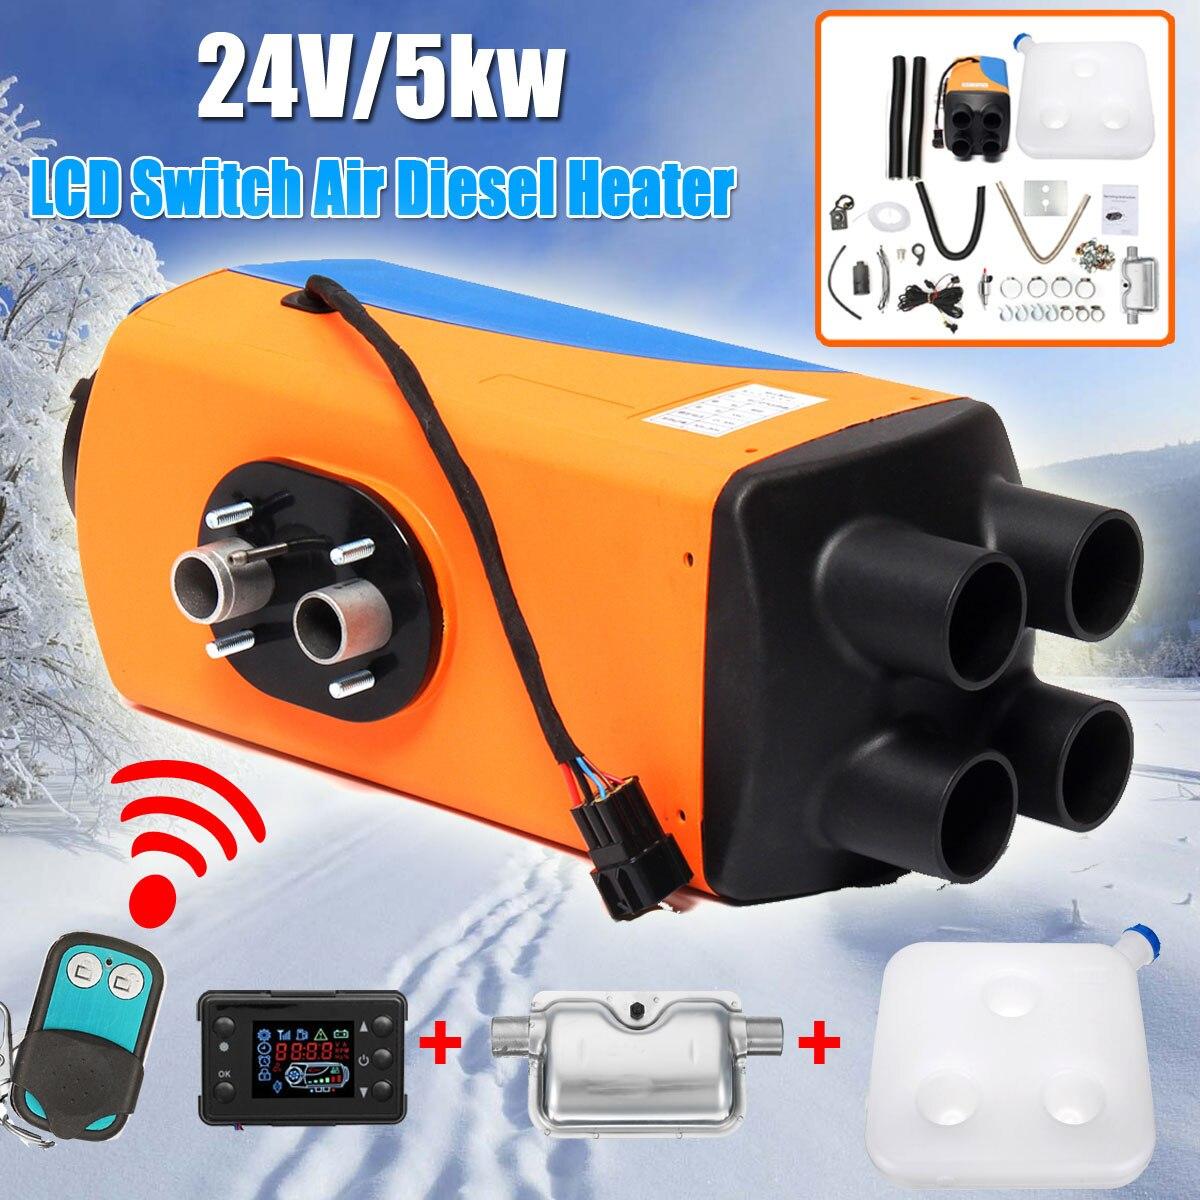 24 V voiture chauffage 5KW voiture Parking Air Diesels chauffage 4 trous 5000 W pour RV bateaux camping-Car camions remorque voiture accessoires